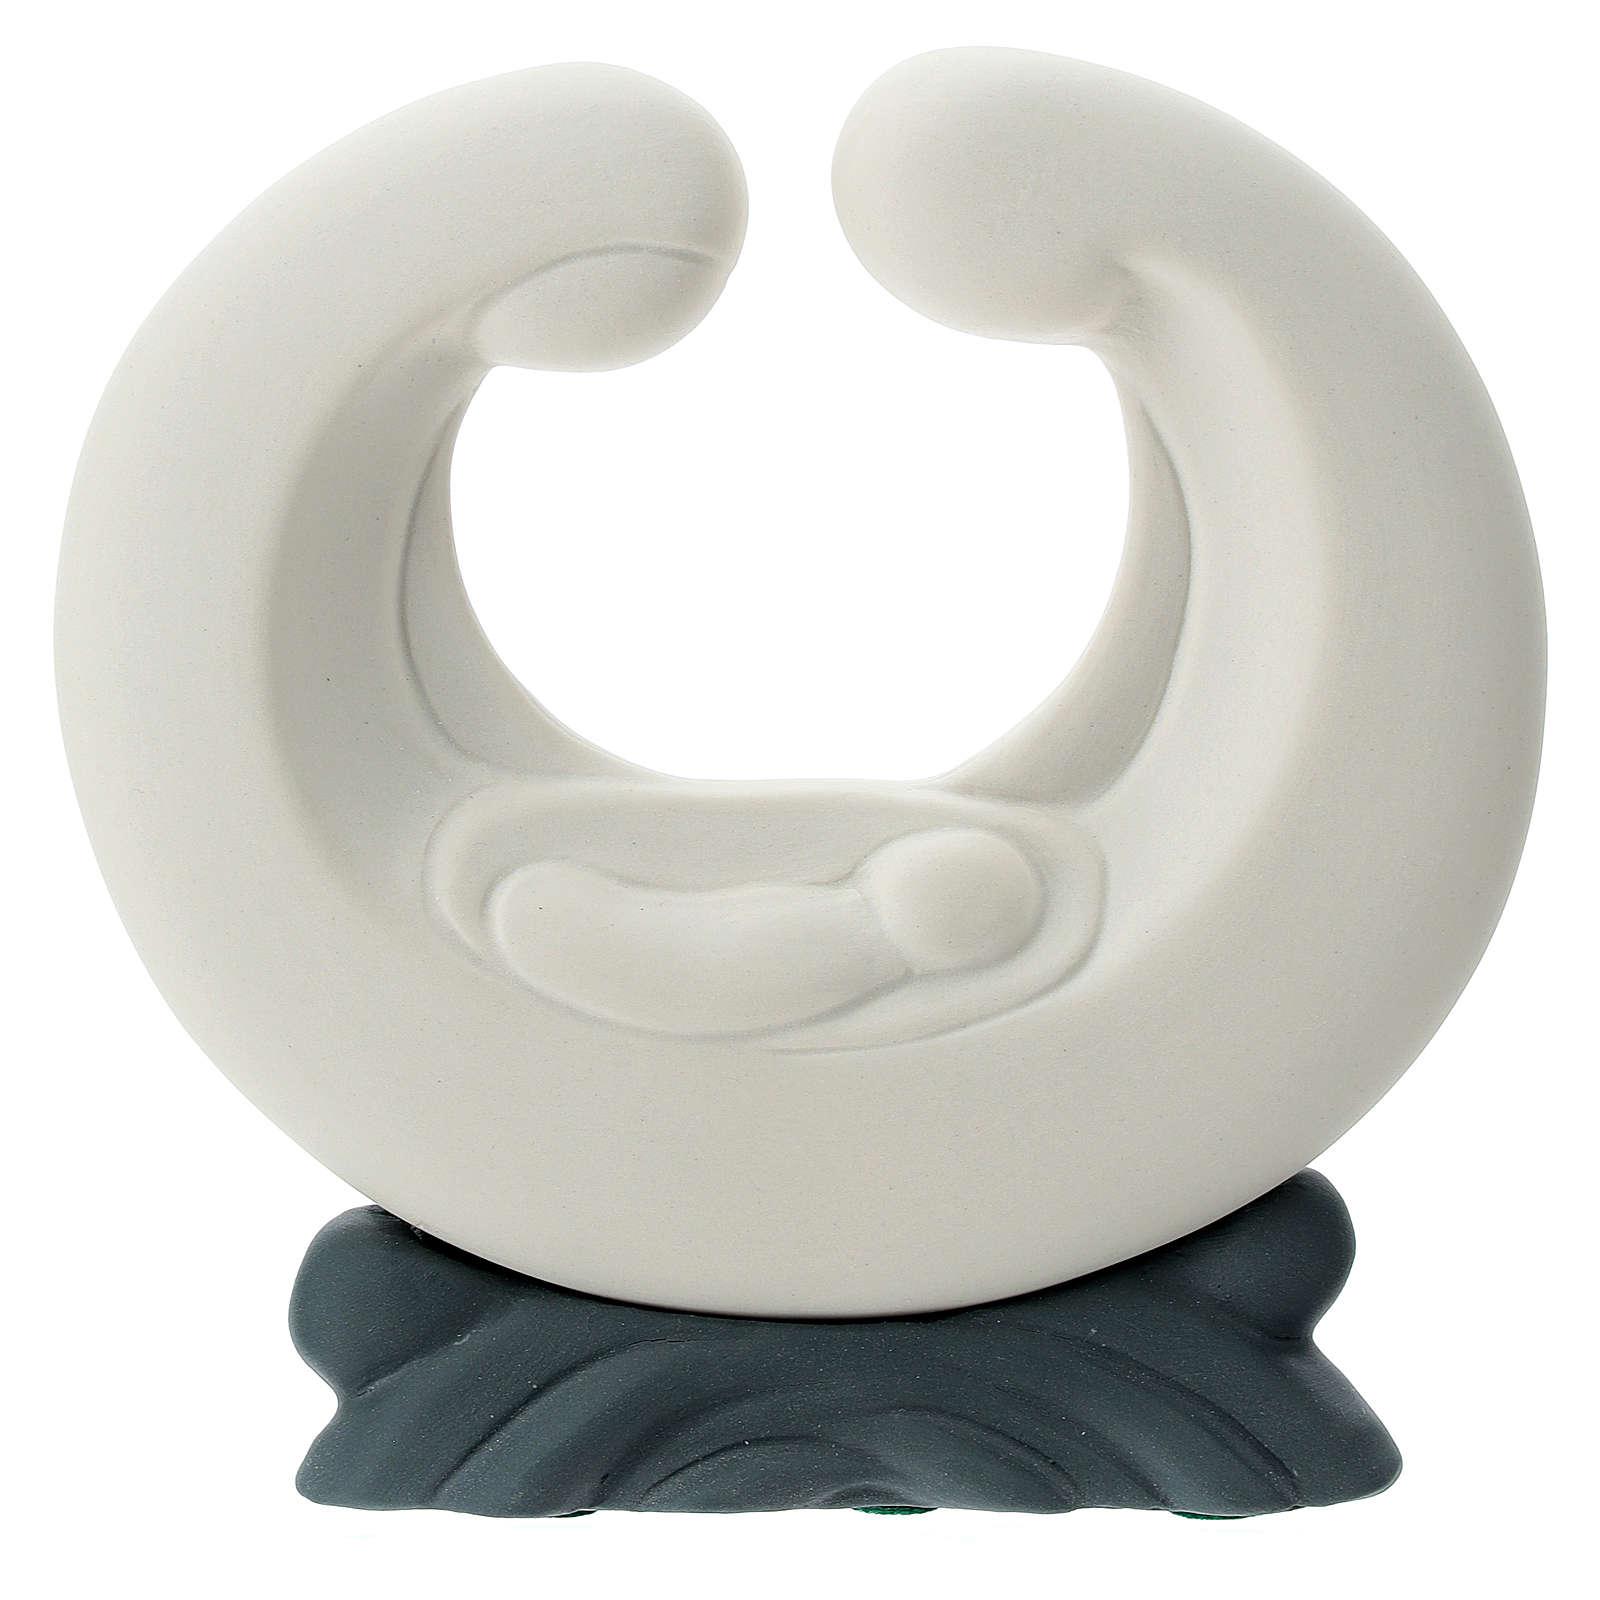 S. Familia porcelana blanca base gris 15 cm 4